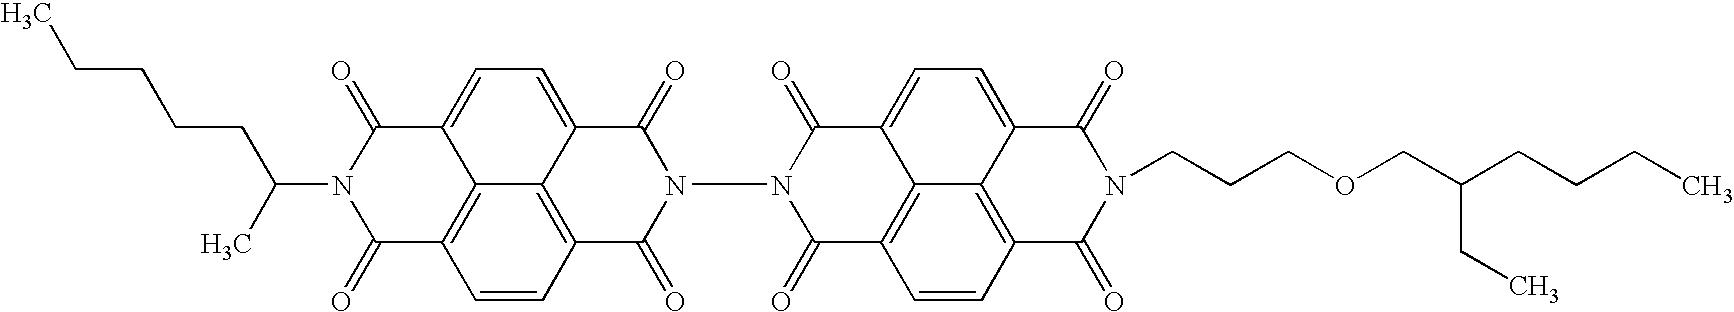 Figure US20070248901A1-20071025-C00024